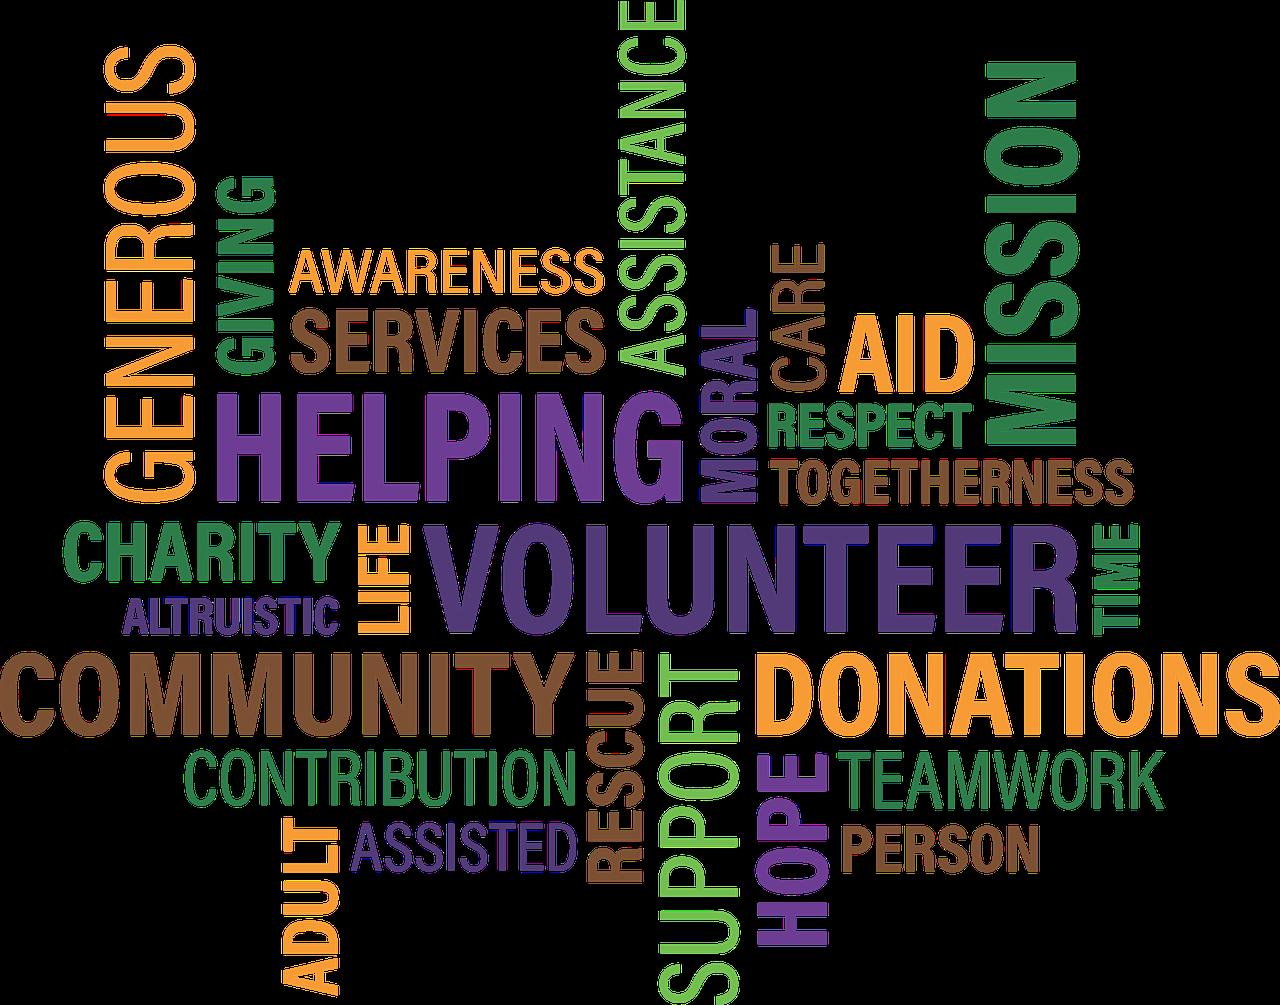 3 Reasons Why Everyone Should Volunteer